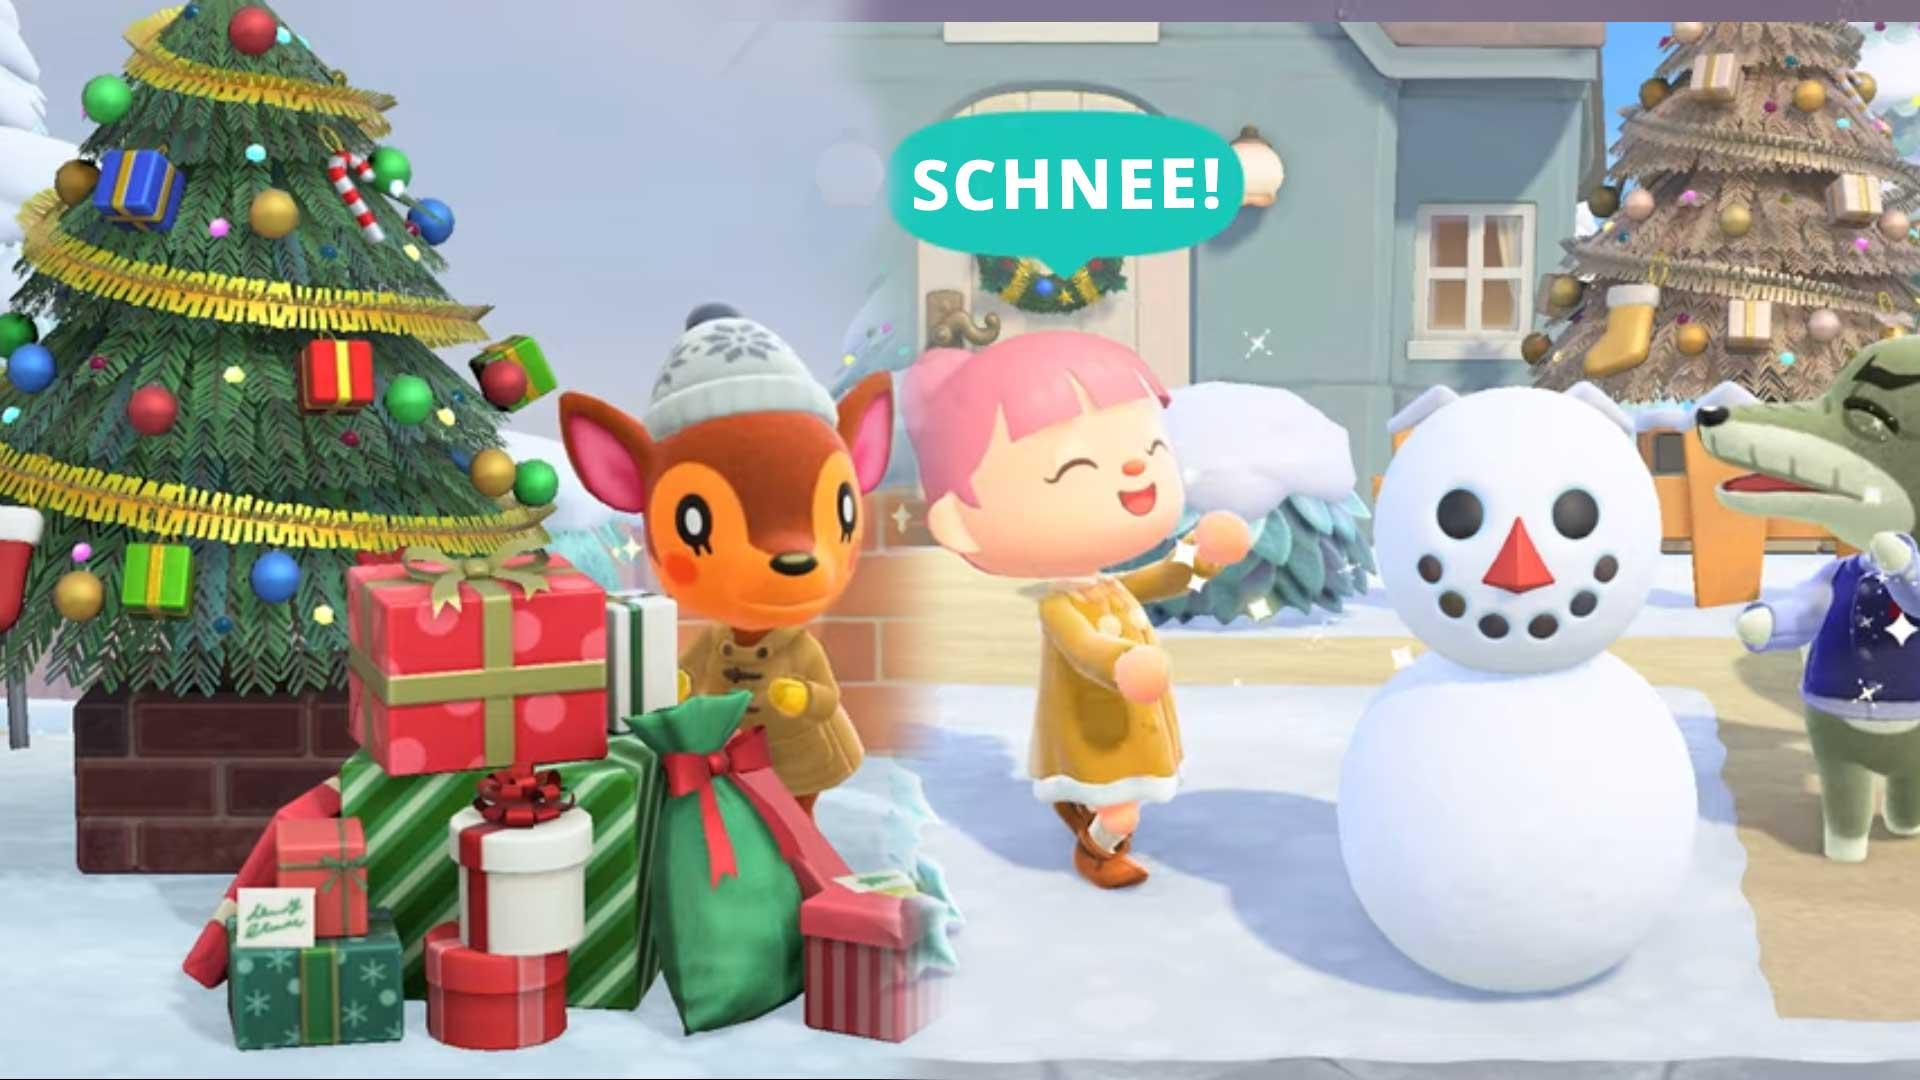 acnh winter update